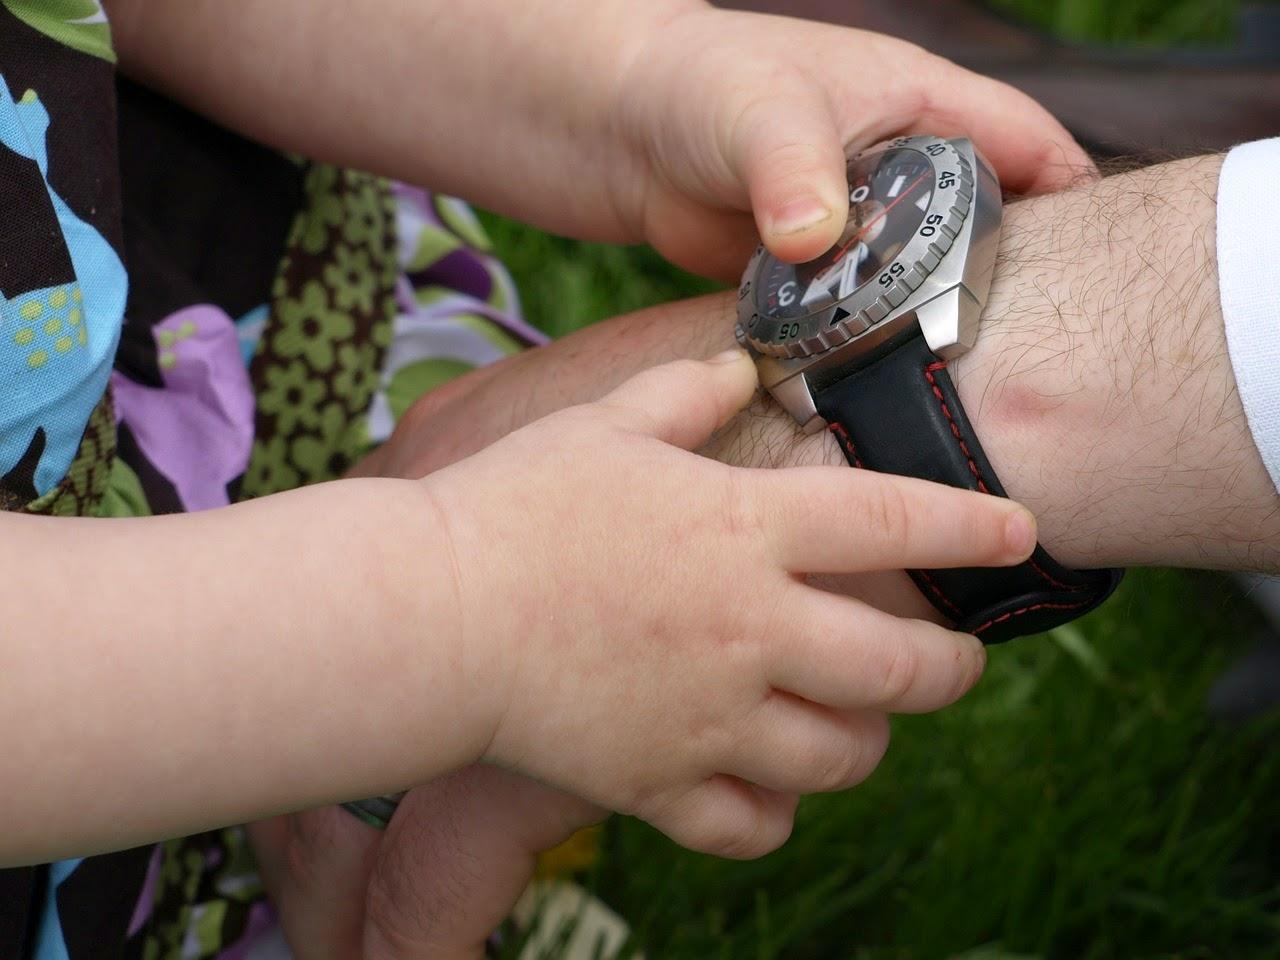 Kind spielt mit Uhr am väterlichen Handgelenk